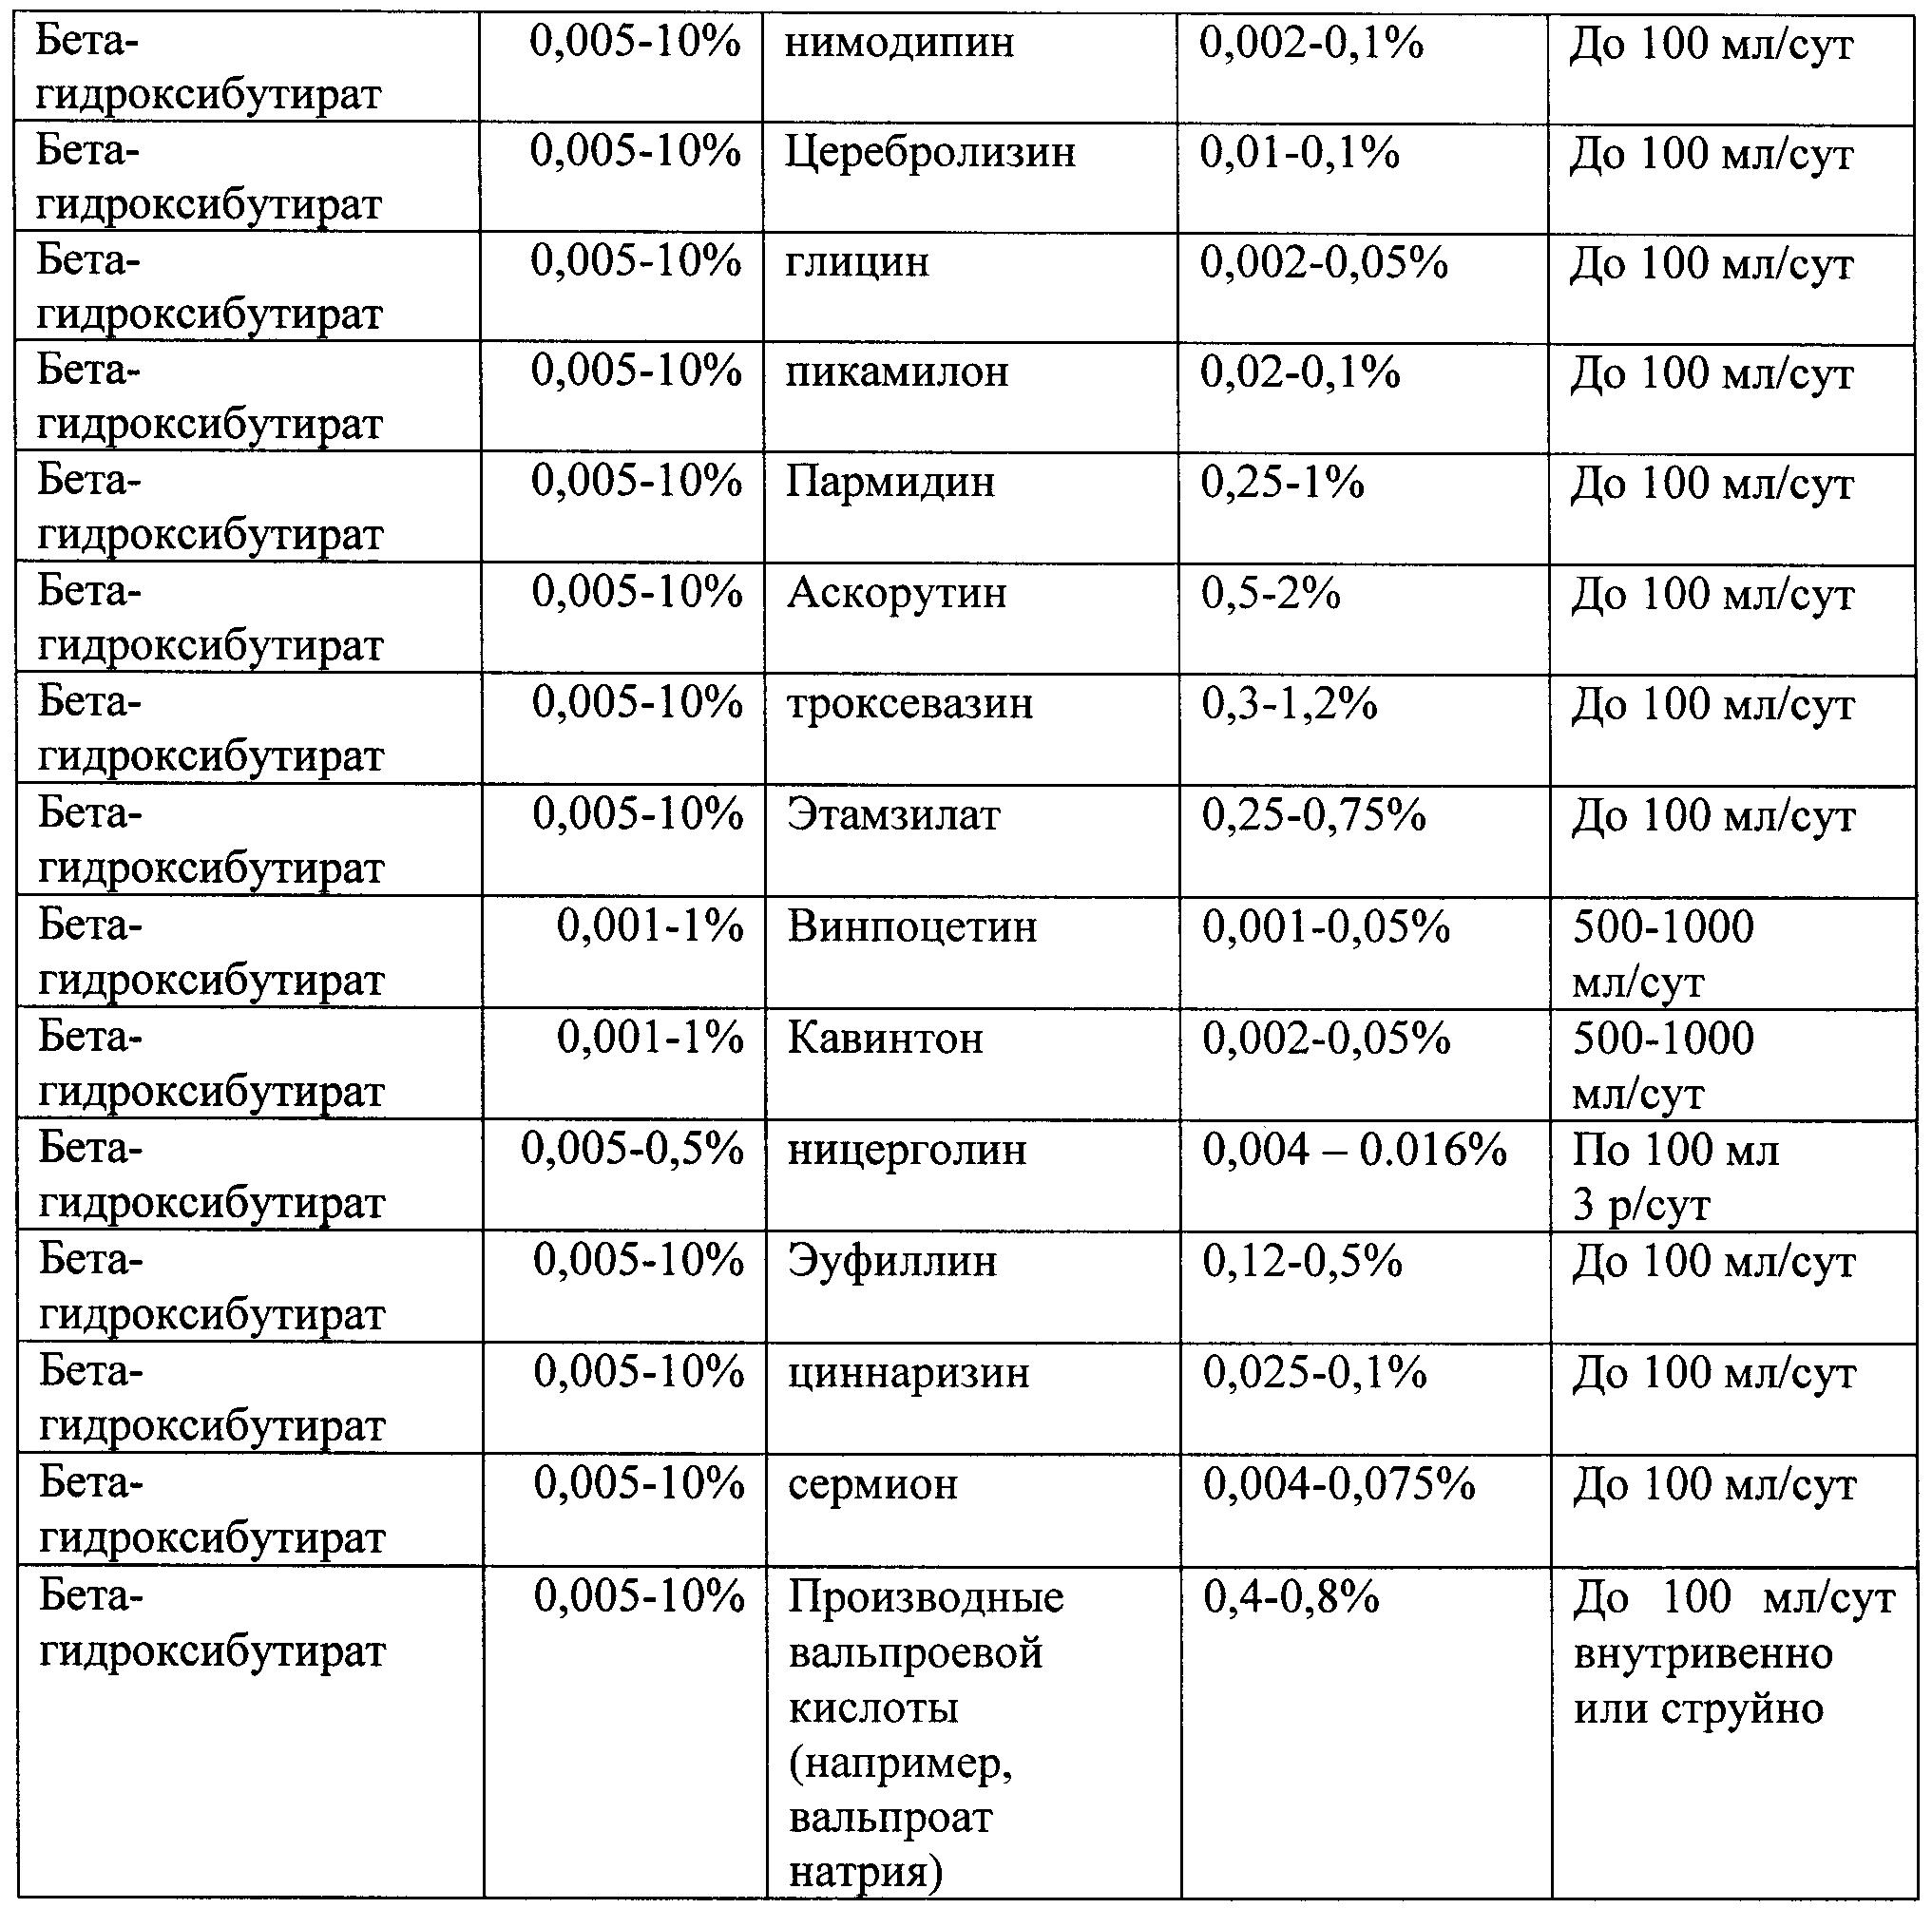 Ascorutin tabletta: használati utasítás